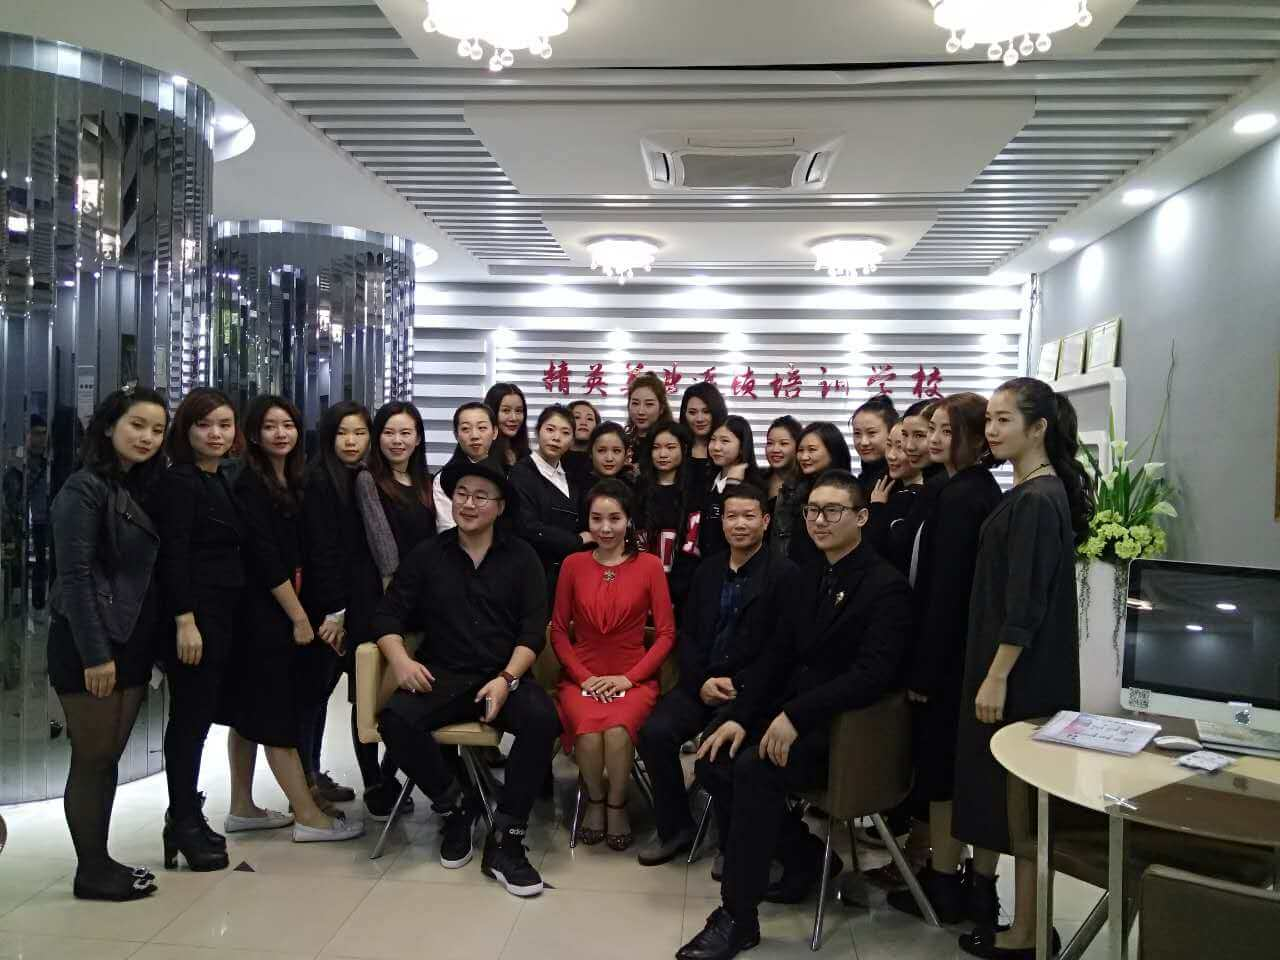 中國時尚彩妝大師蘭冰2016全球風尚大典研修班